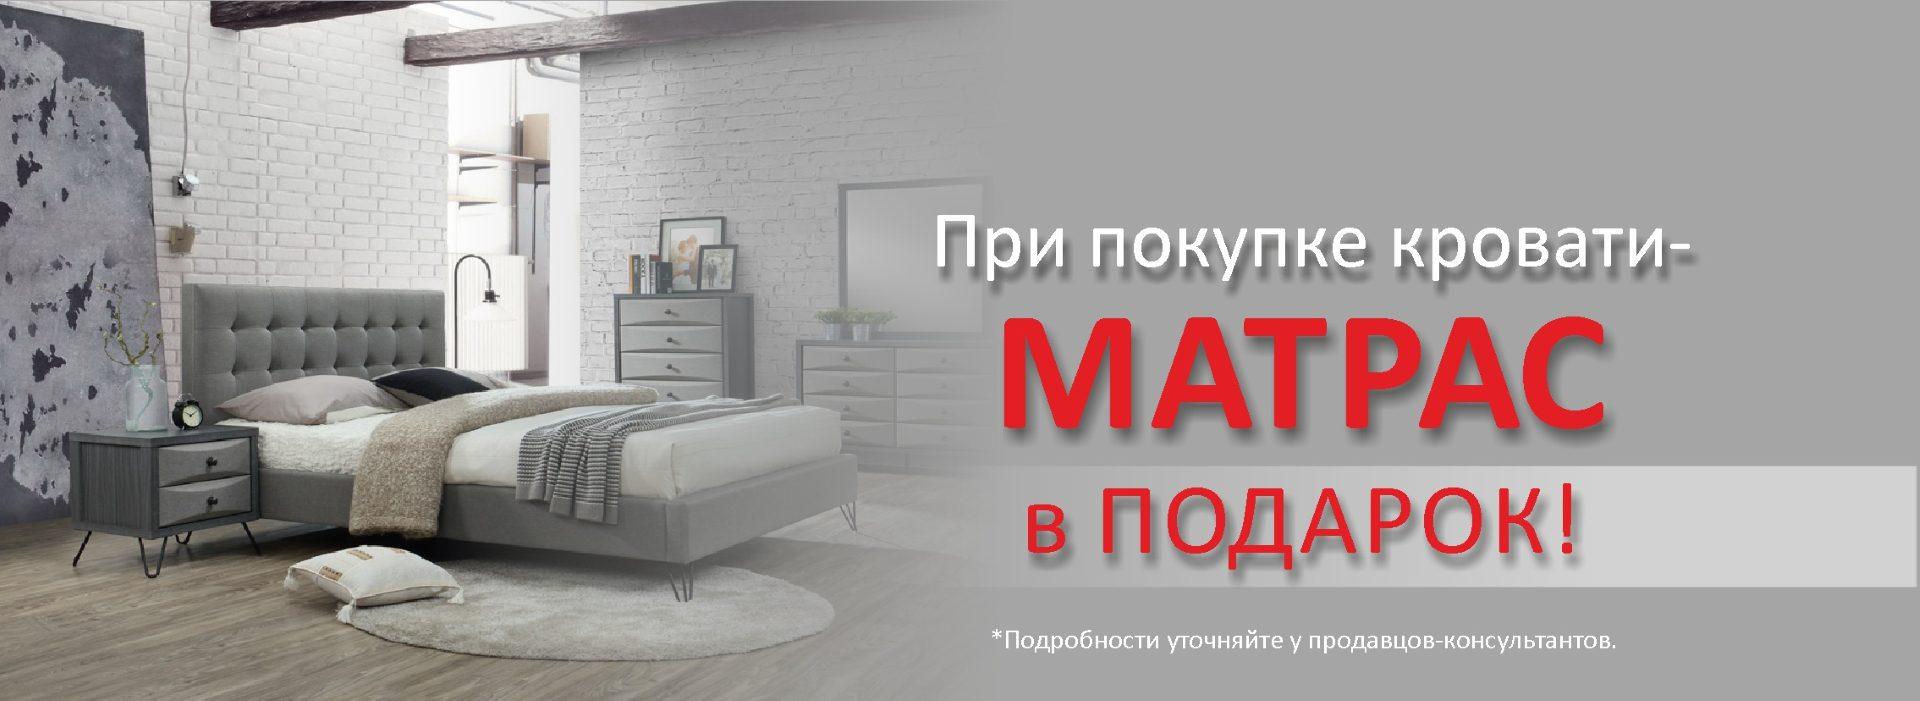 Акция - при покупке кровати матрас в подарок